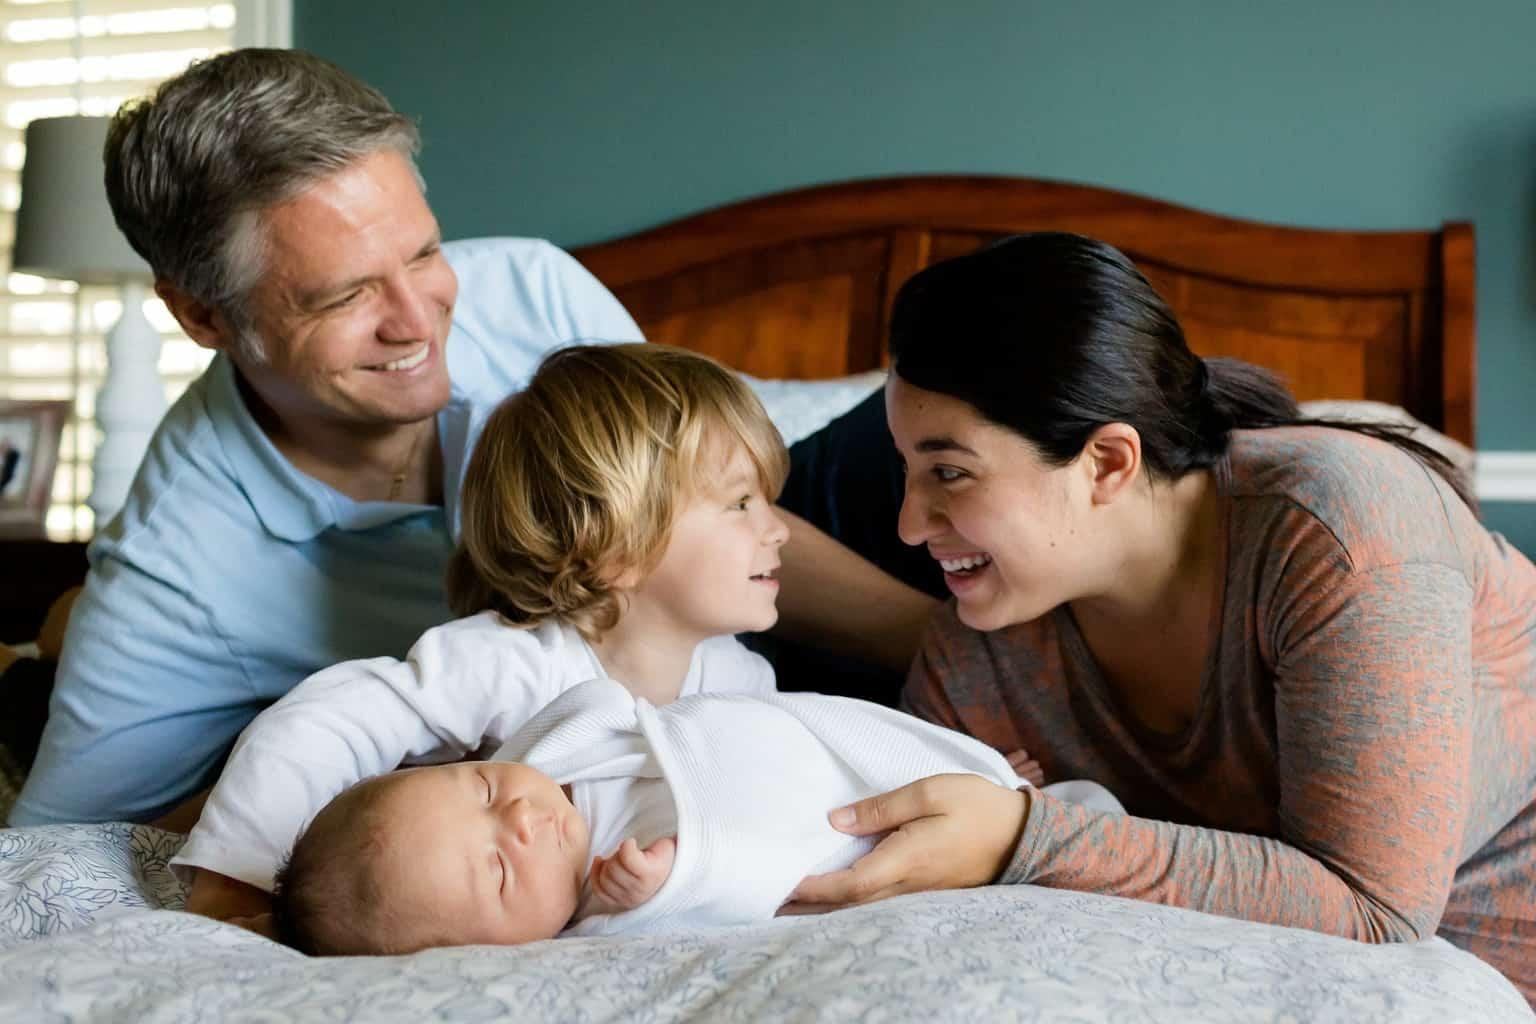 Blended family image 2